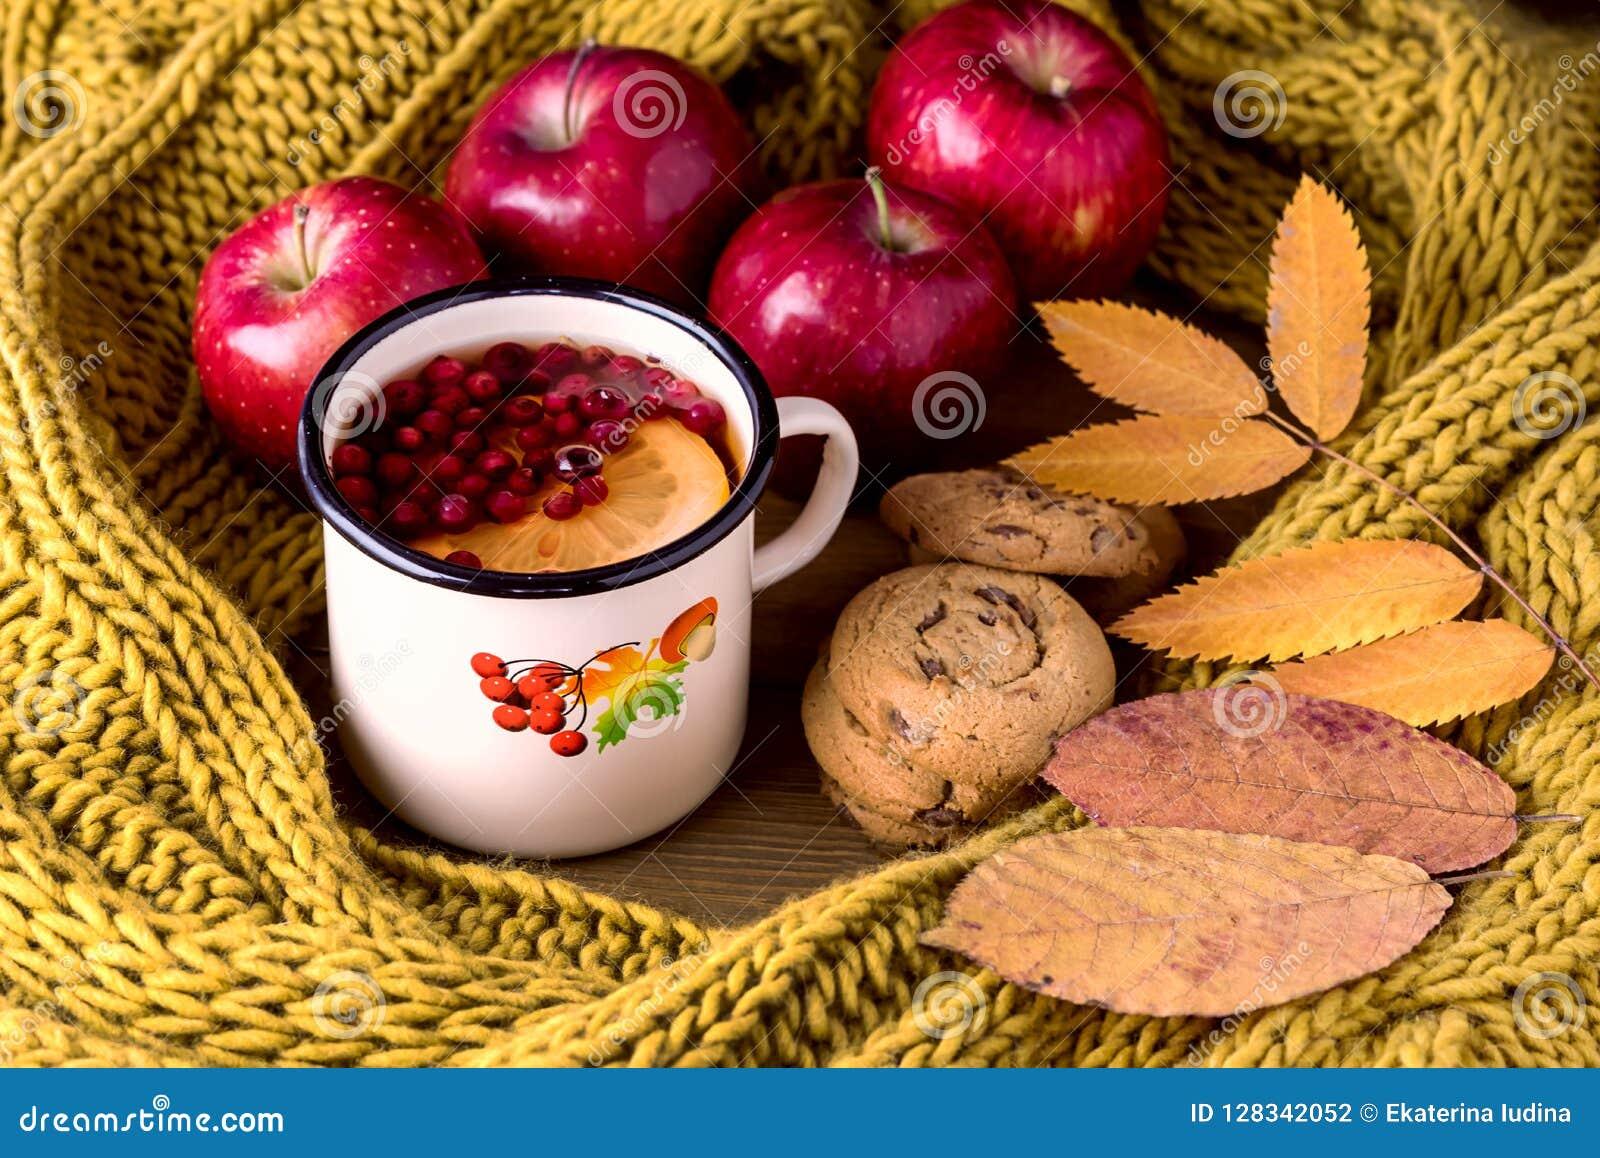 Tasse ou tasse d écharpe tricotée chaude chaude Autumn Maple Leaves Wooden Background Autumn Cold Season Red Appl de Berry Lemon